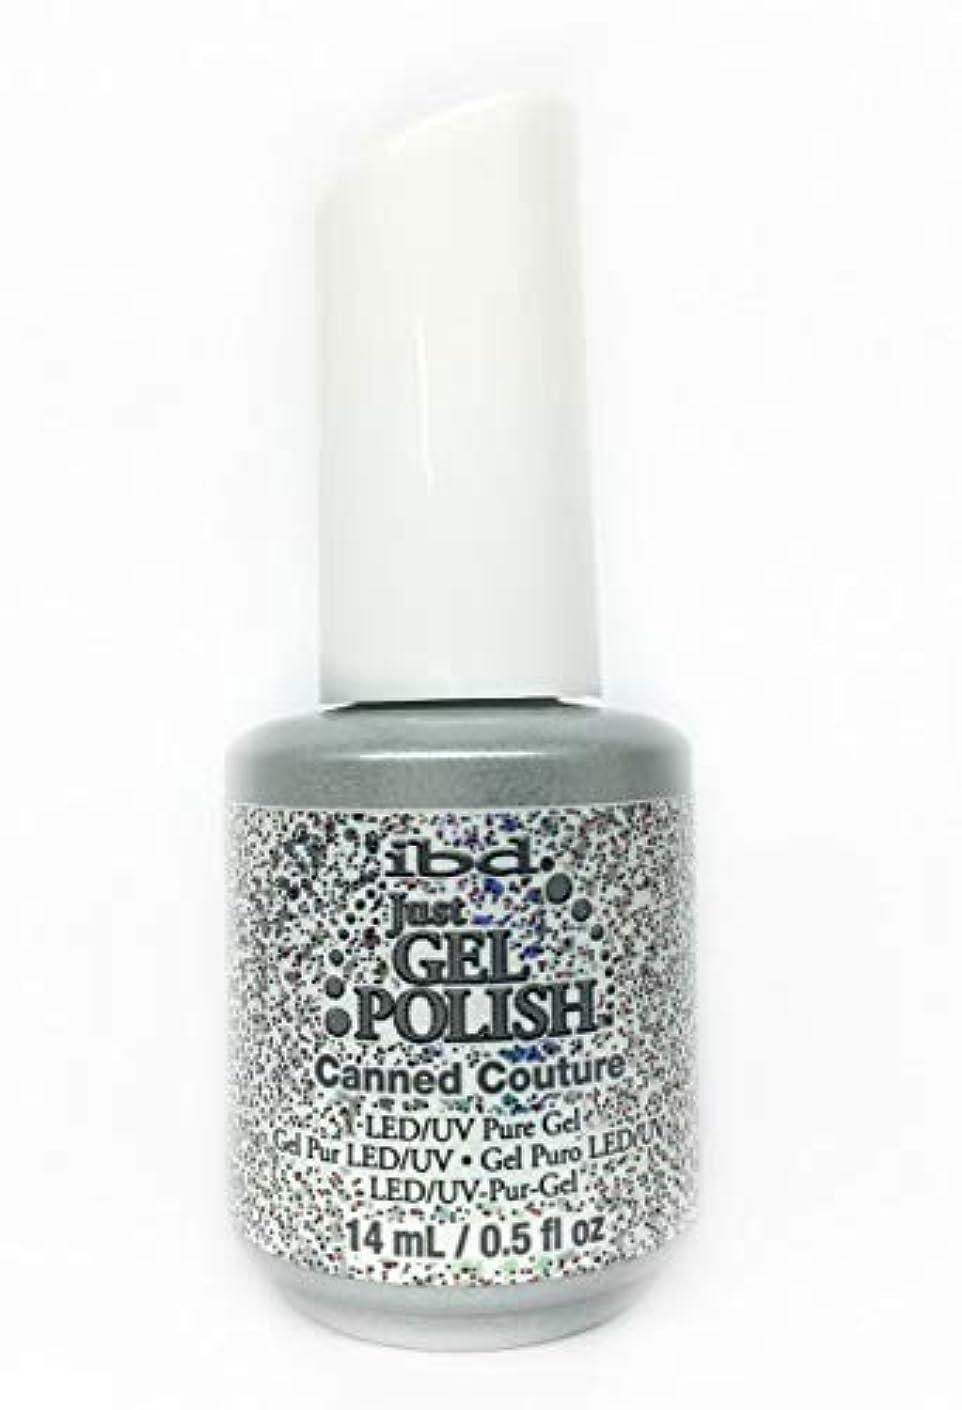 マスク栄光創始者ibd Just Gel Nail Polish - Canned Couture - 14ml / 0.5oz